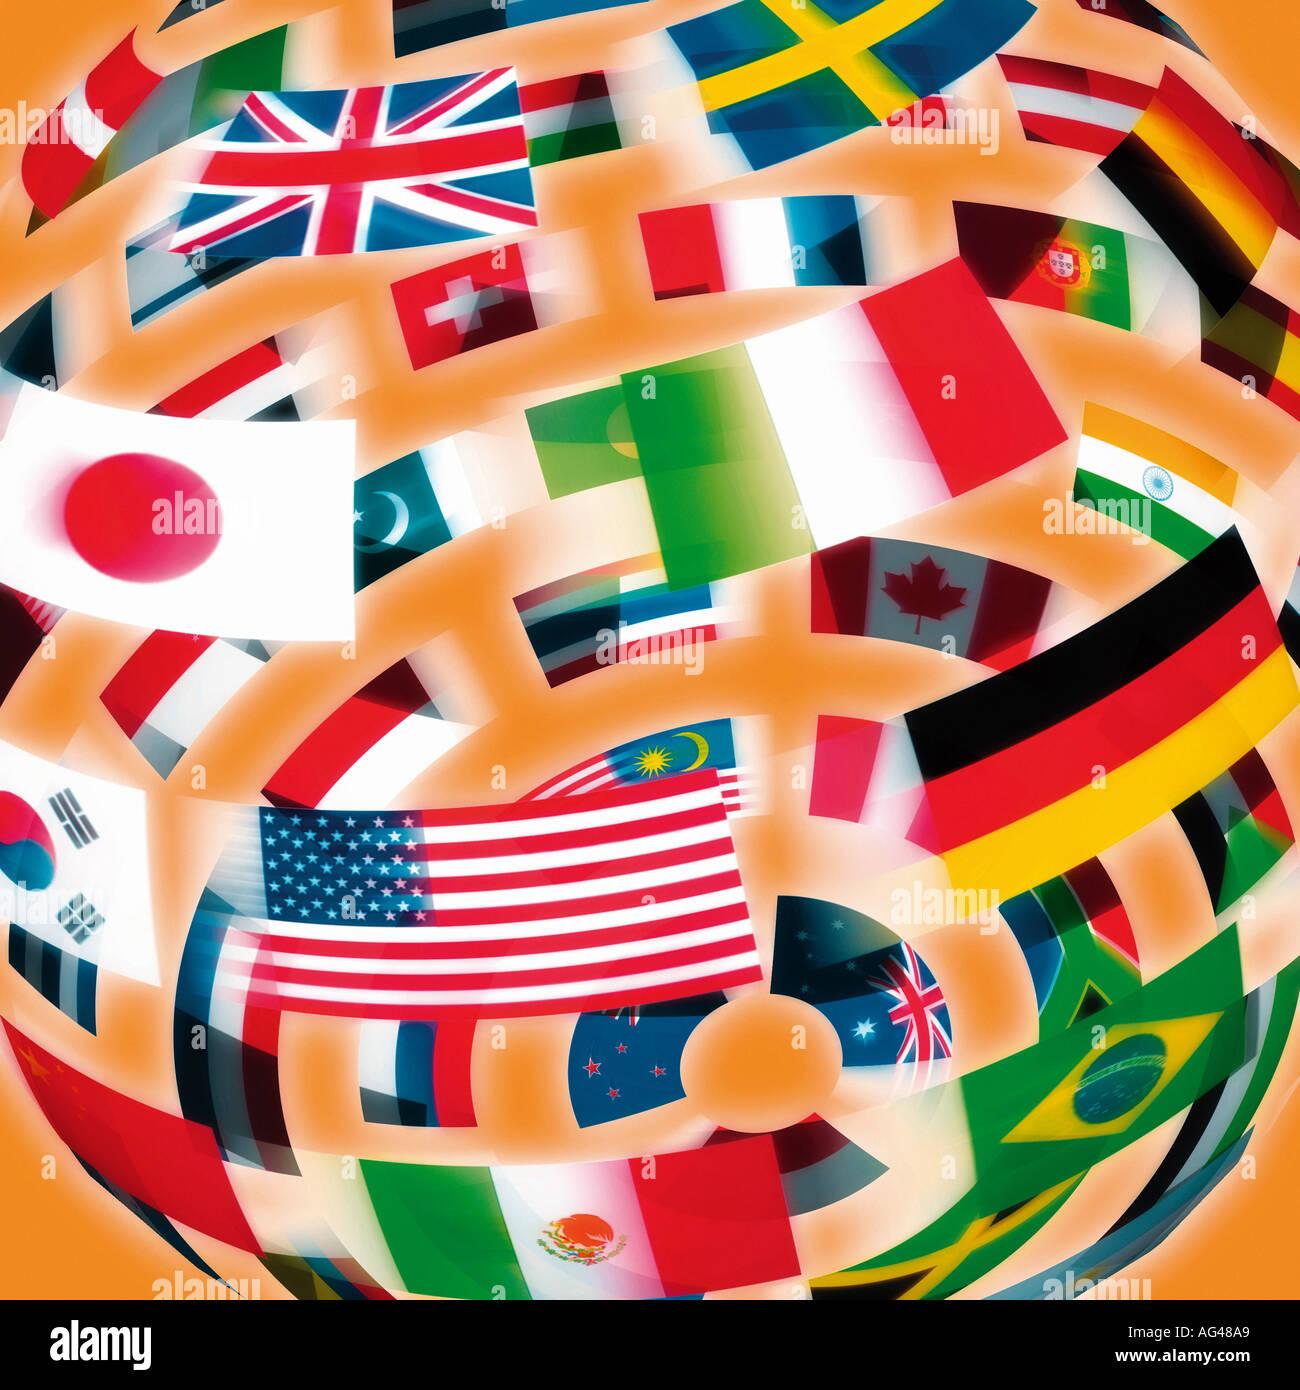 Internationale Flaggen in der Form einer Kugel gegen einen orangen Hintergrund. Flagge Welt. Stockbild